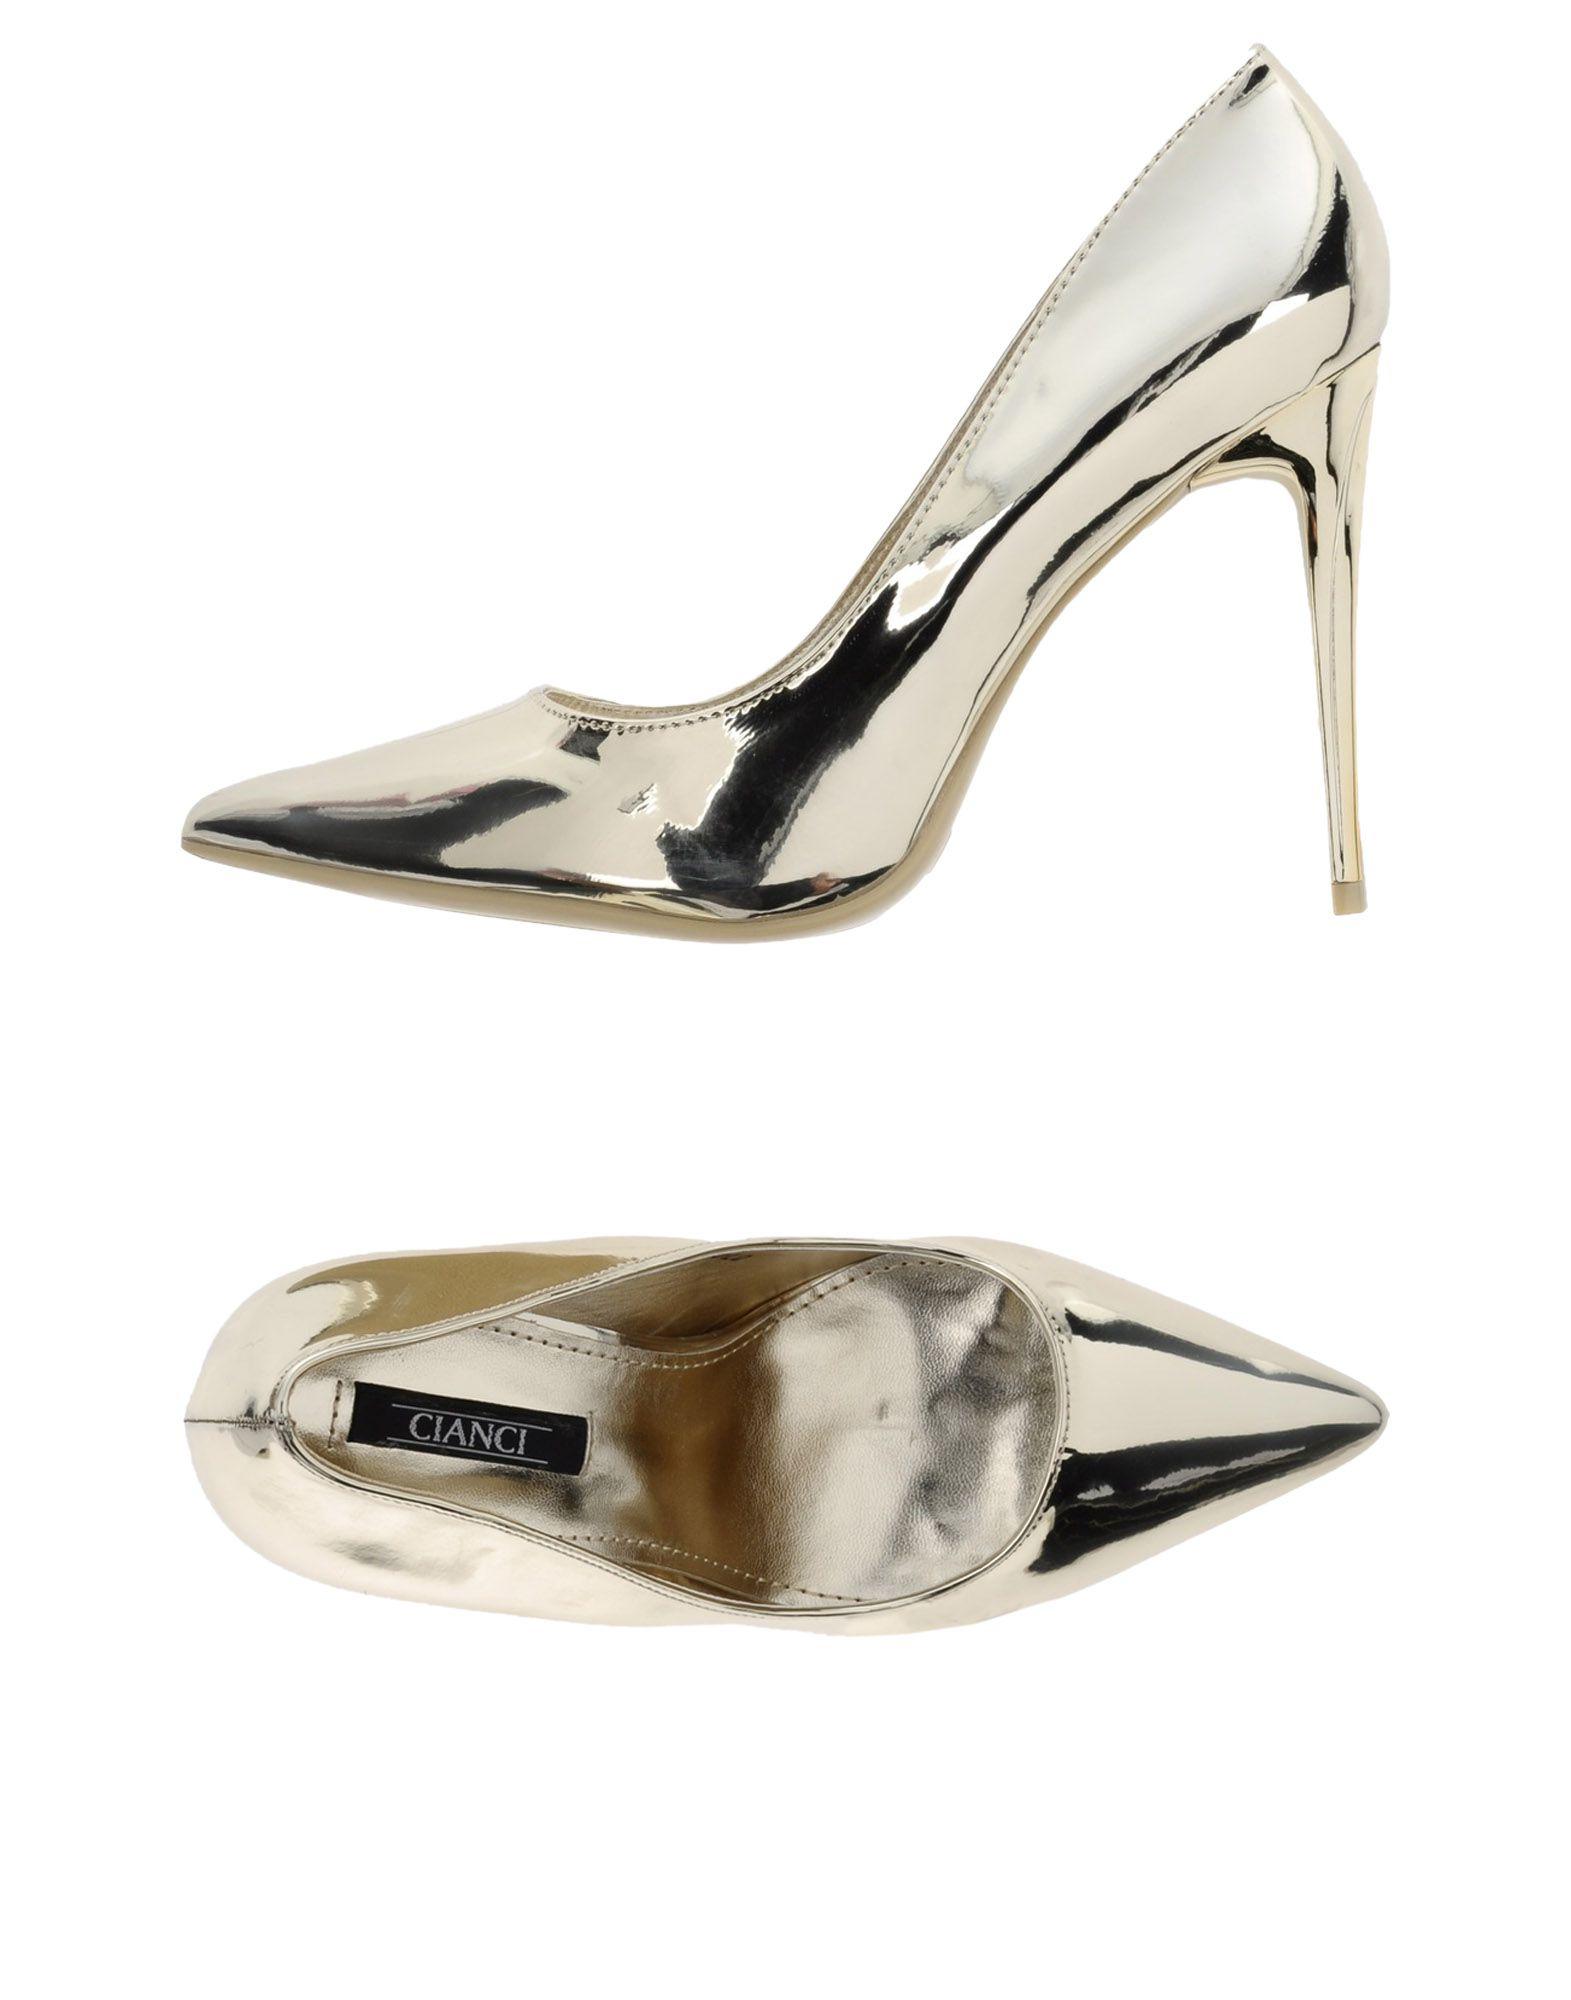 цены на CIANCI Туфли в интернет-магазинах